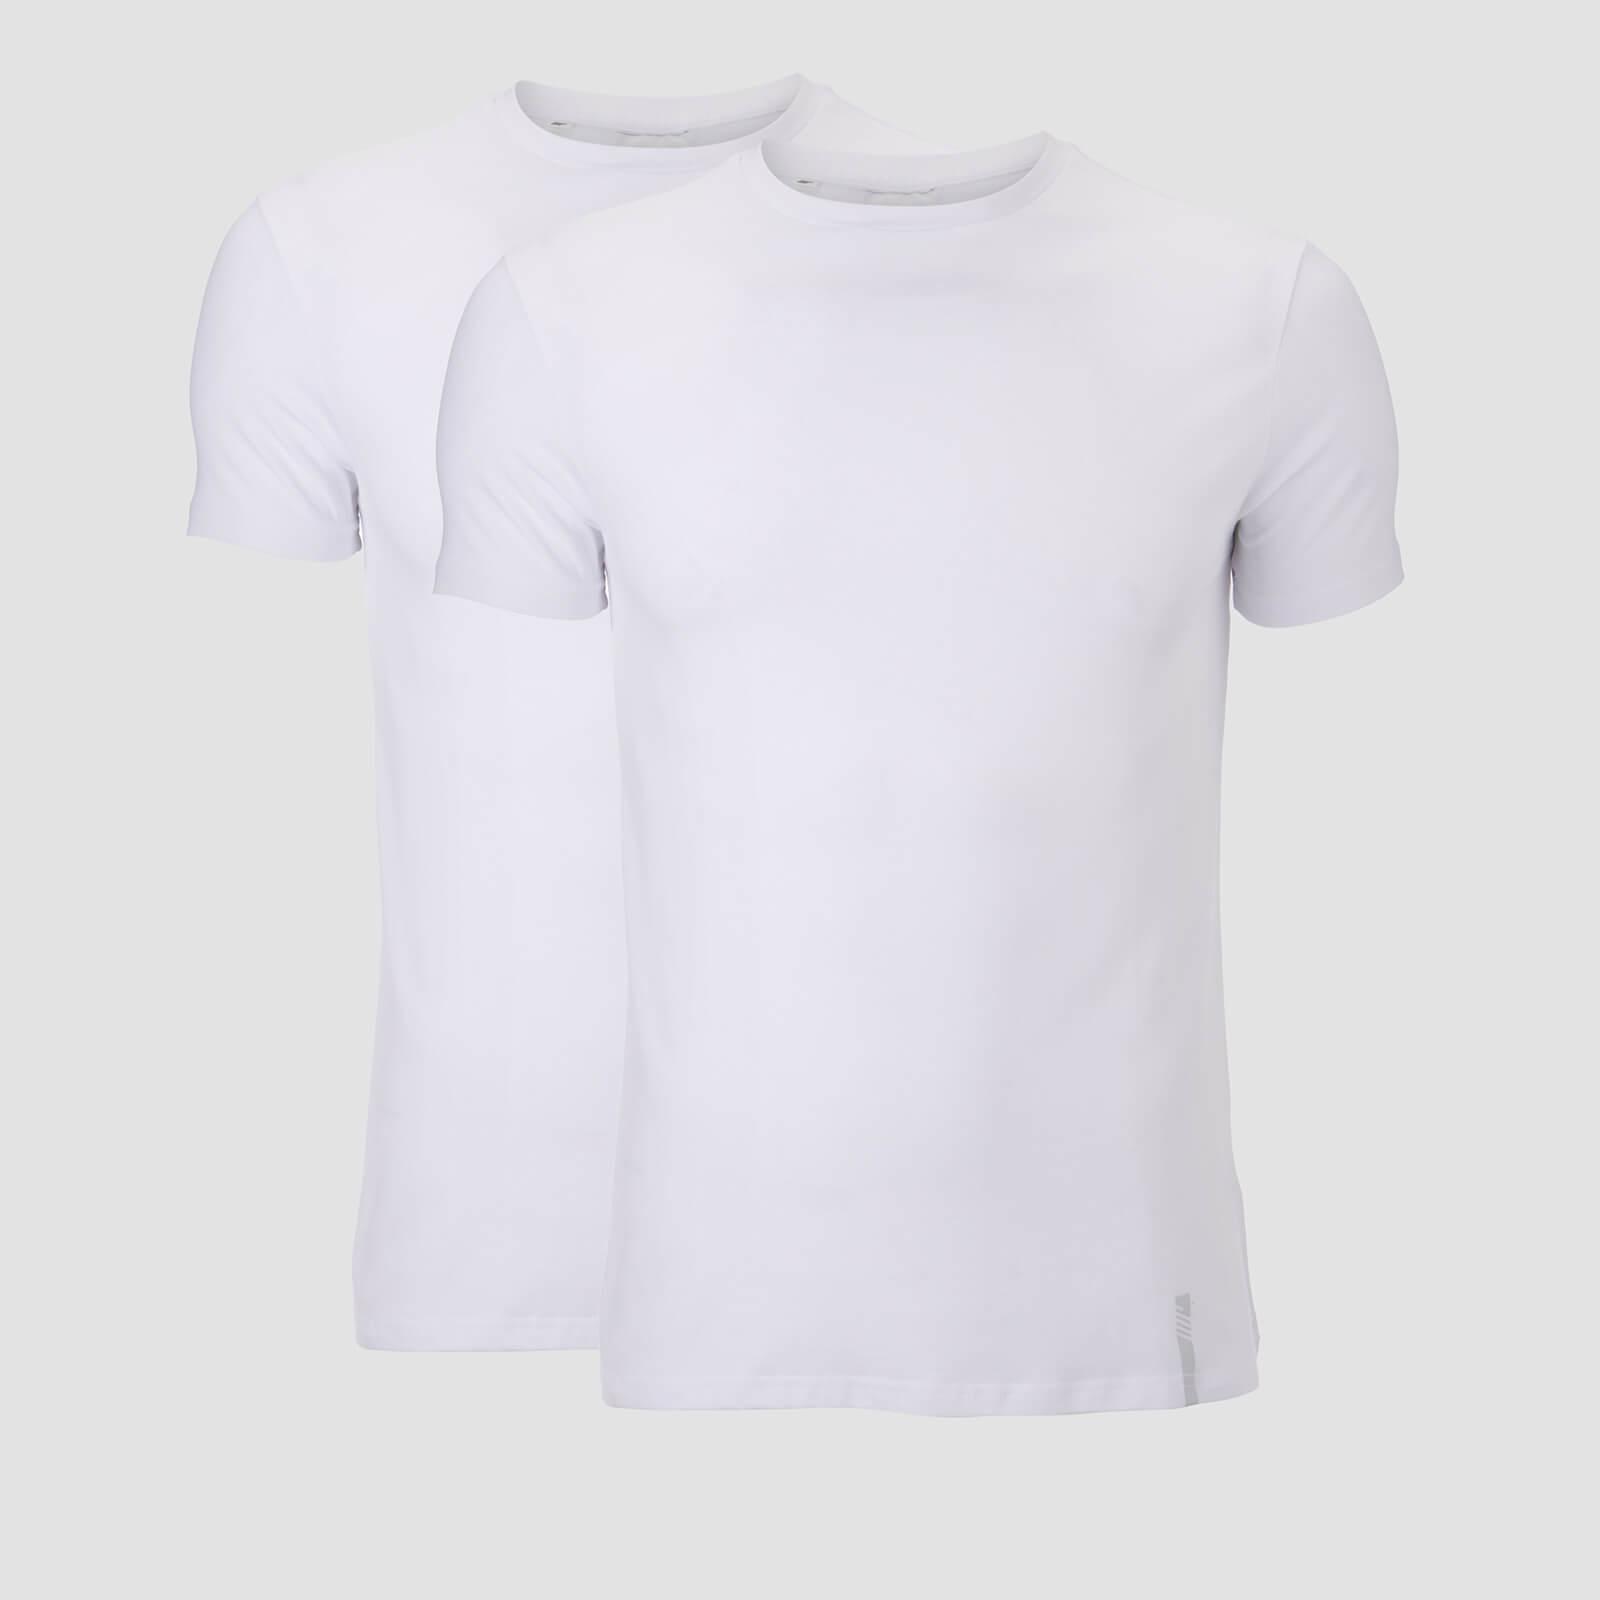 Myprotein Luxe Classic Crew T-Paita (2 Pack) - Valkoinen/Valkoinen - M